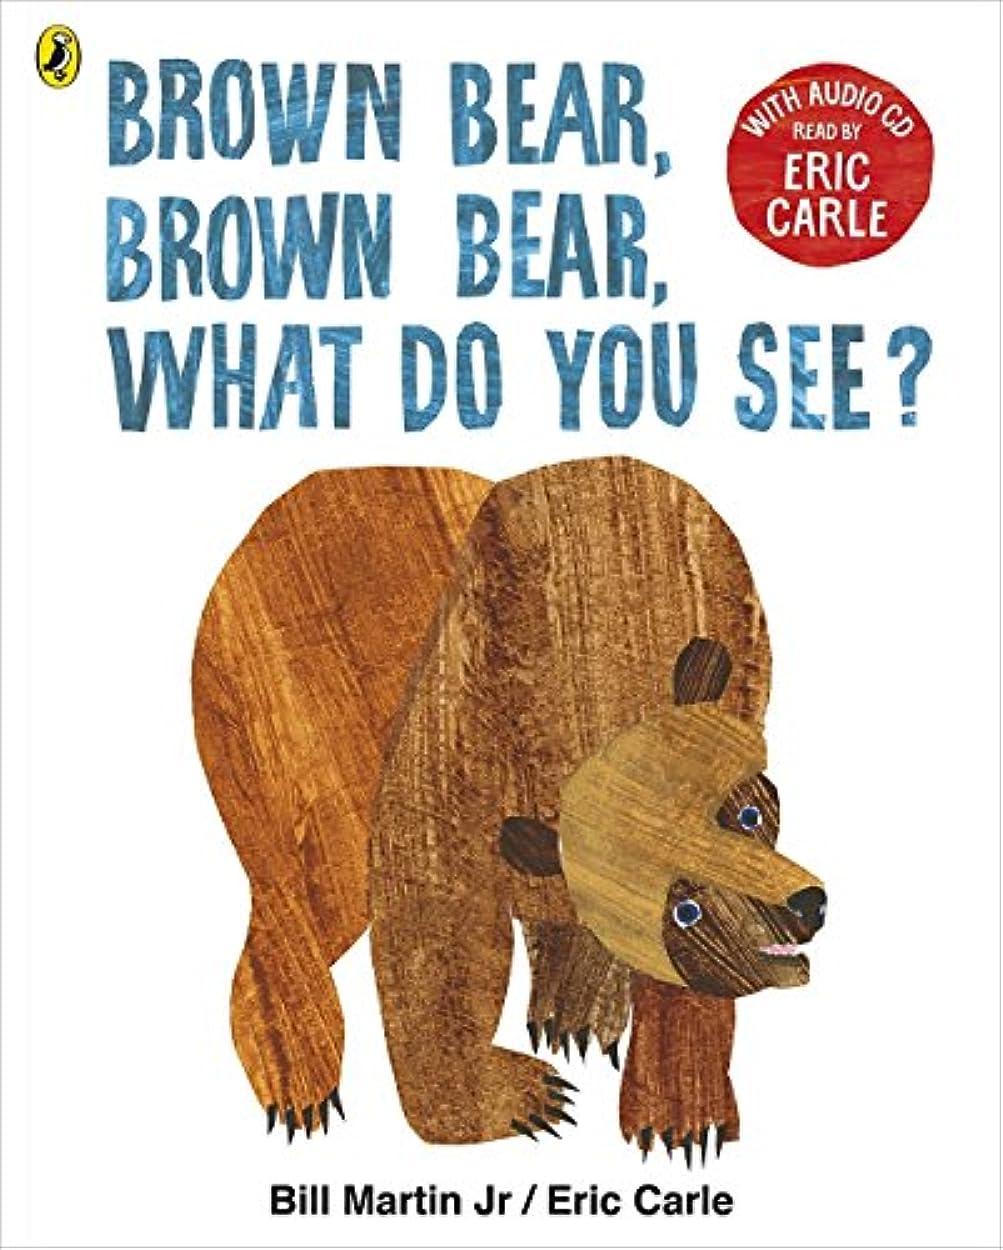 カフェするだろう砂Brown Bear, Brown Bear, What Do You See?: With Audio Read by Eric Carle (Book & CD)